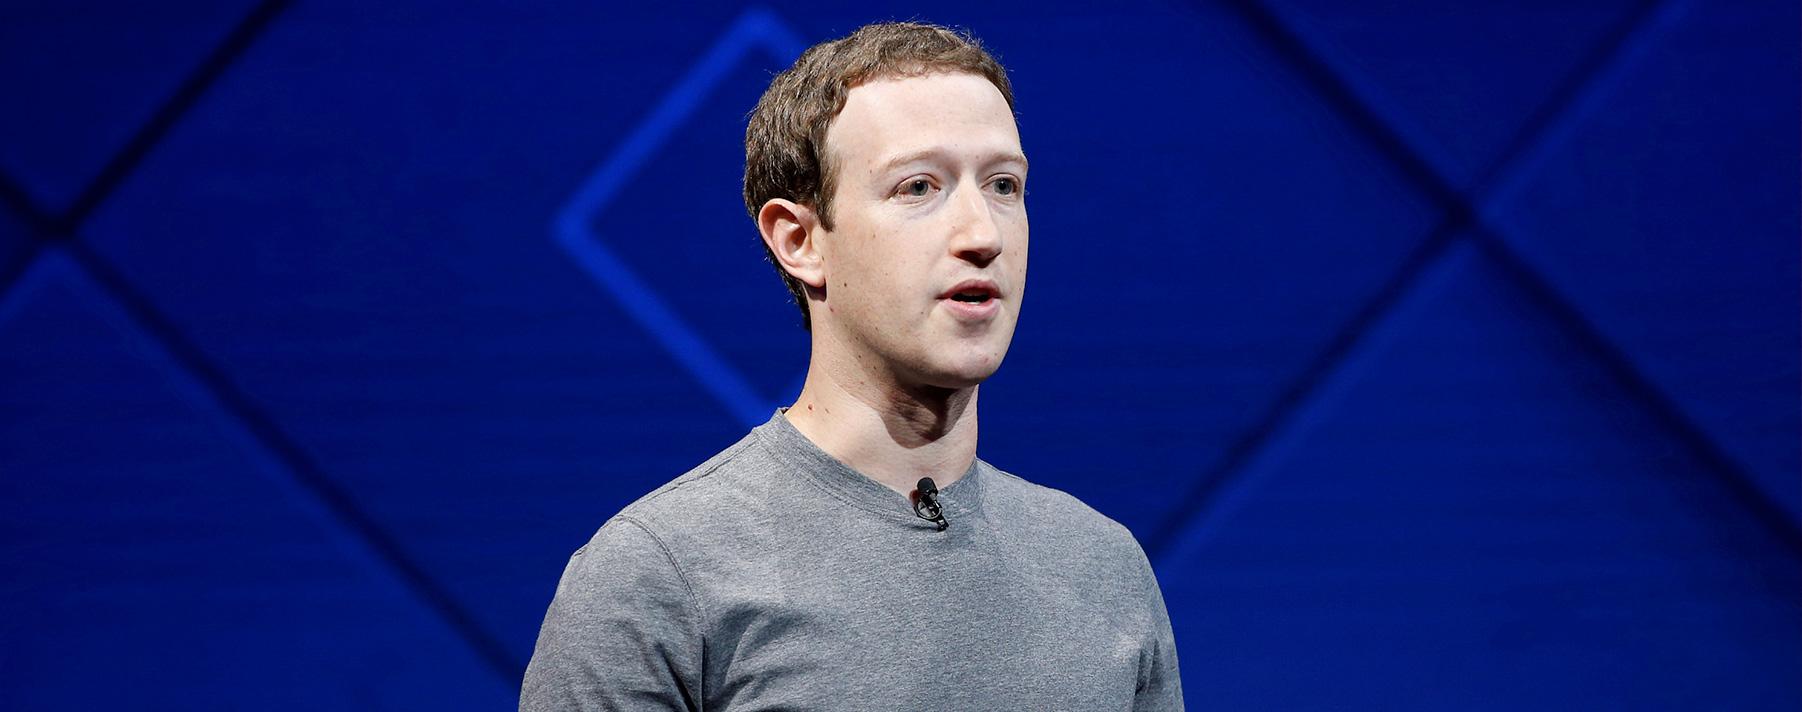 Mark Zuckerberg. EL creador de Facebook, se sube a su bicicleta estática, donde se conecta vía streaming con su entrenador personal para seguir su rutina diaria.